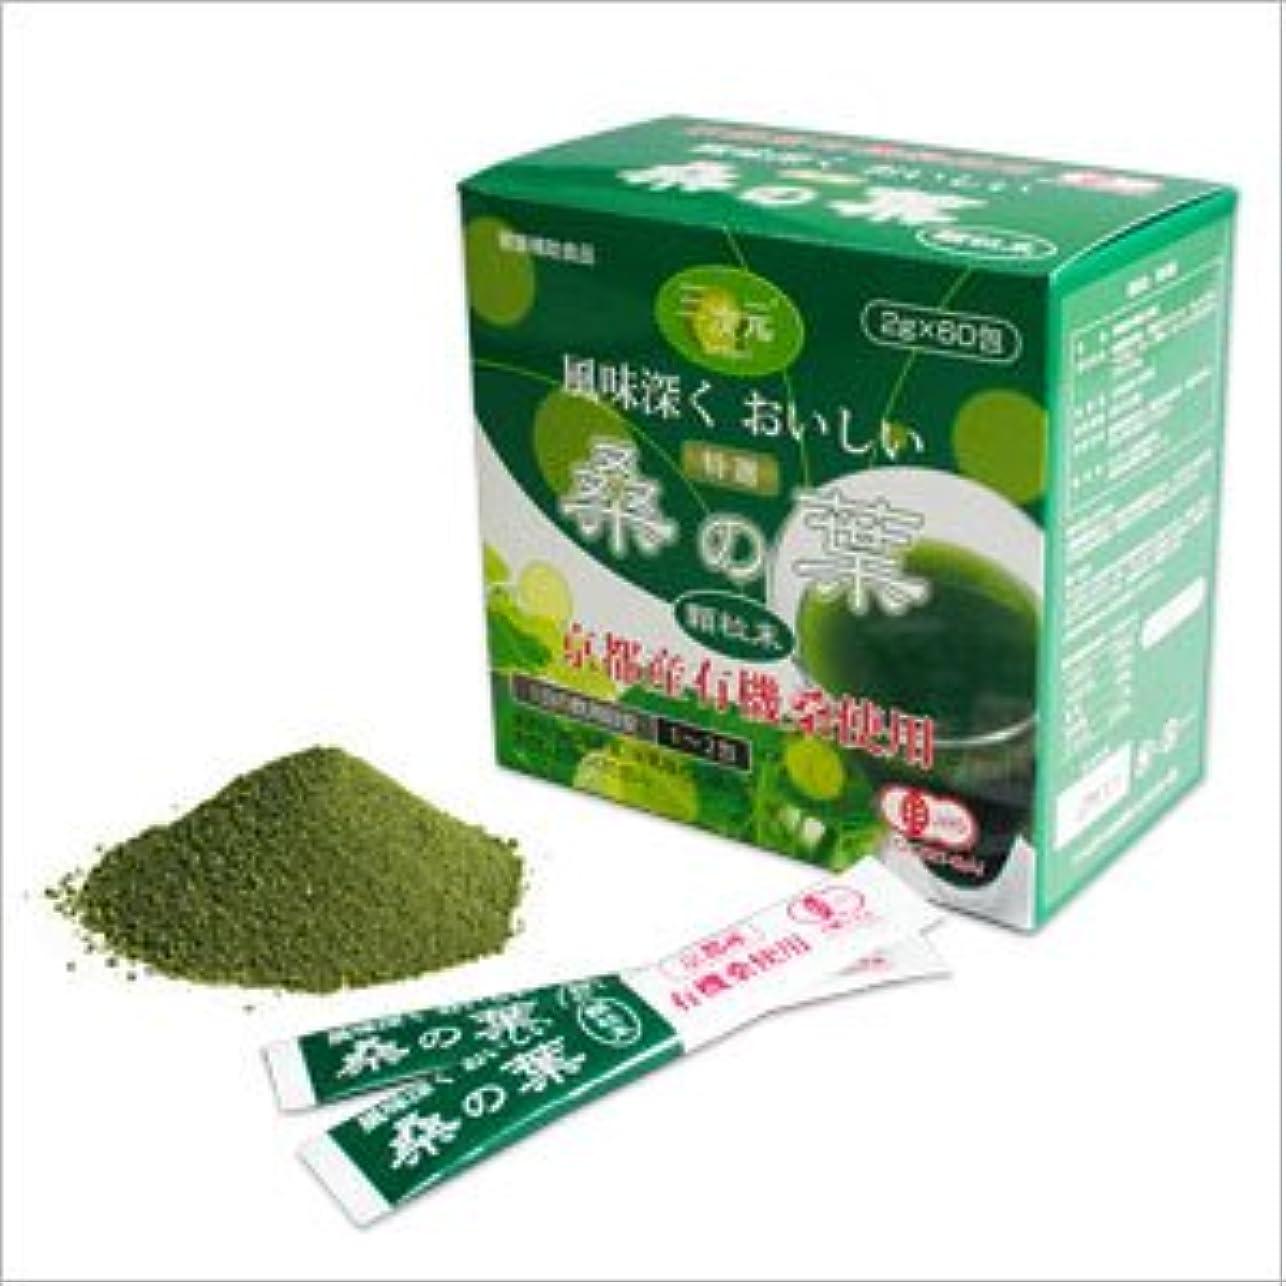 ベッドを作る値動桑の葉 2箱セット 健康食品